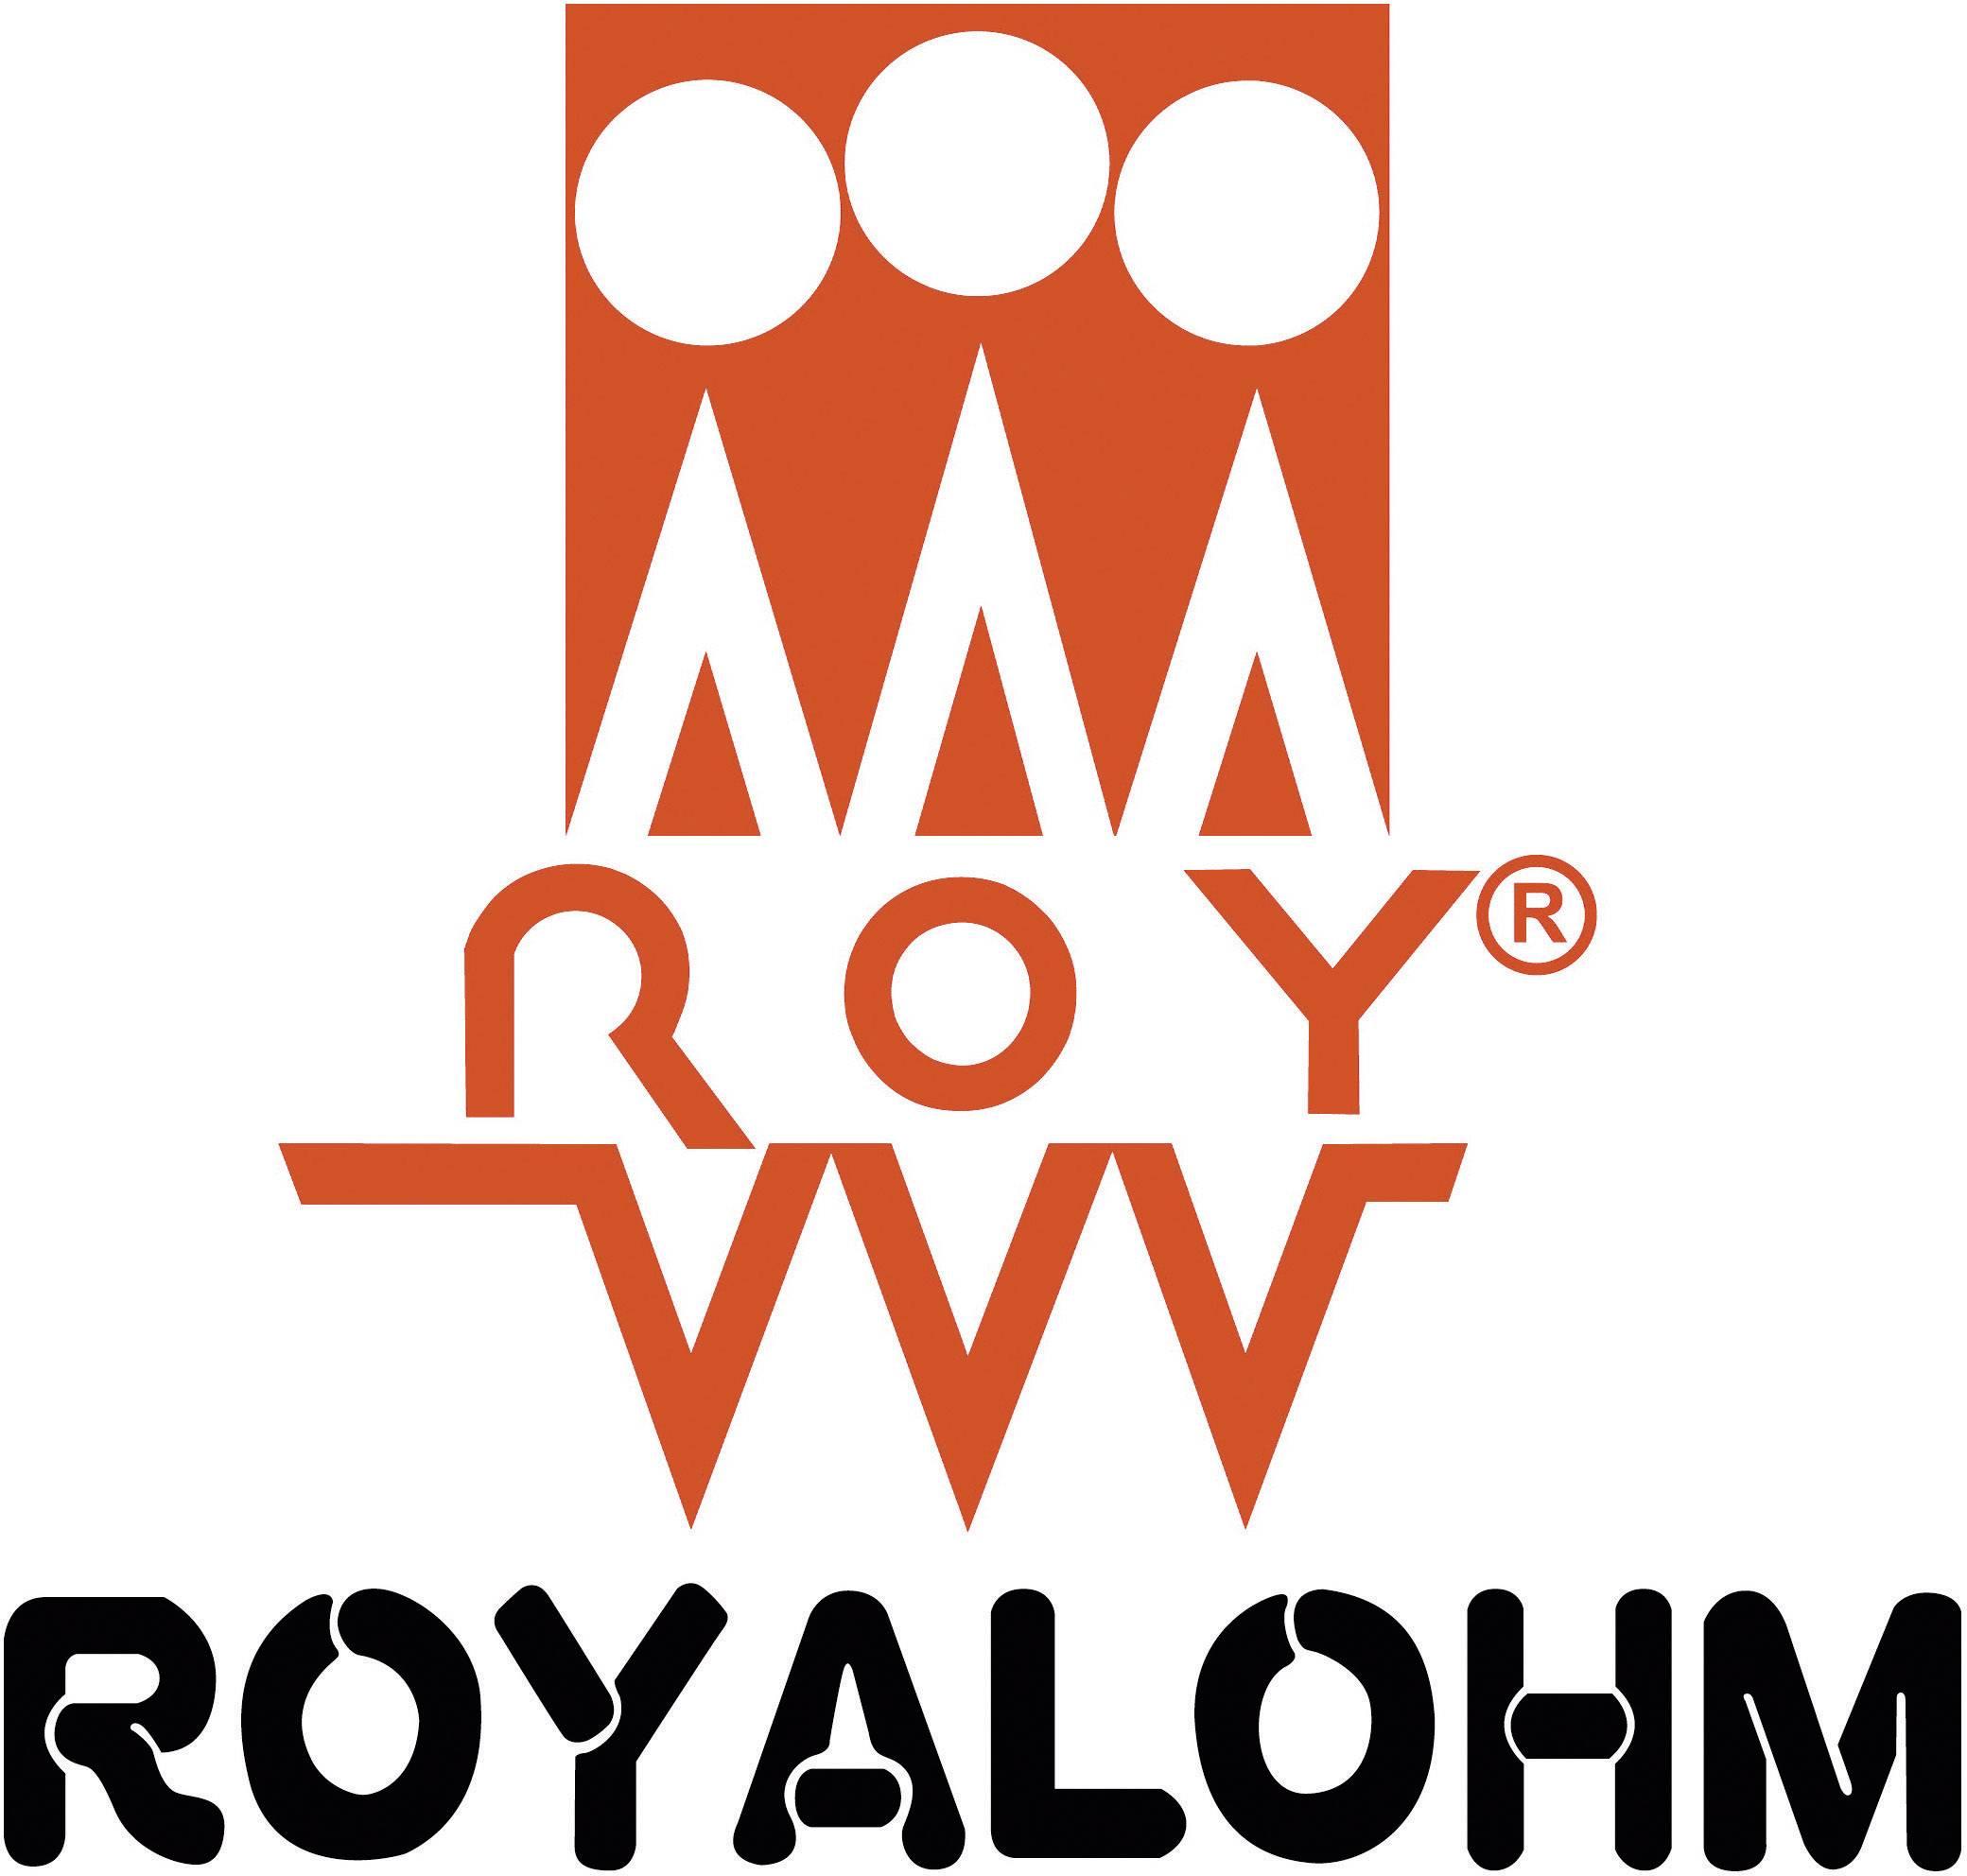 Royalohm